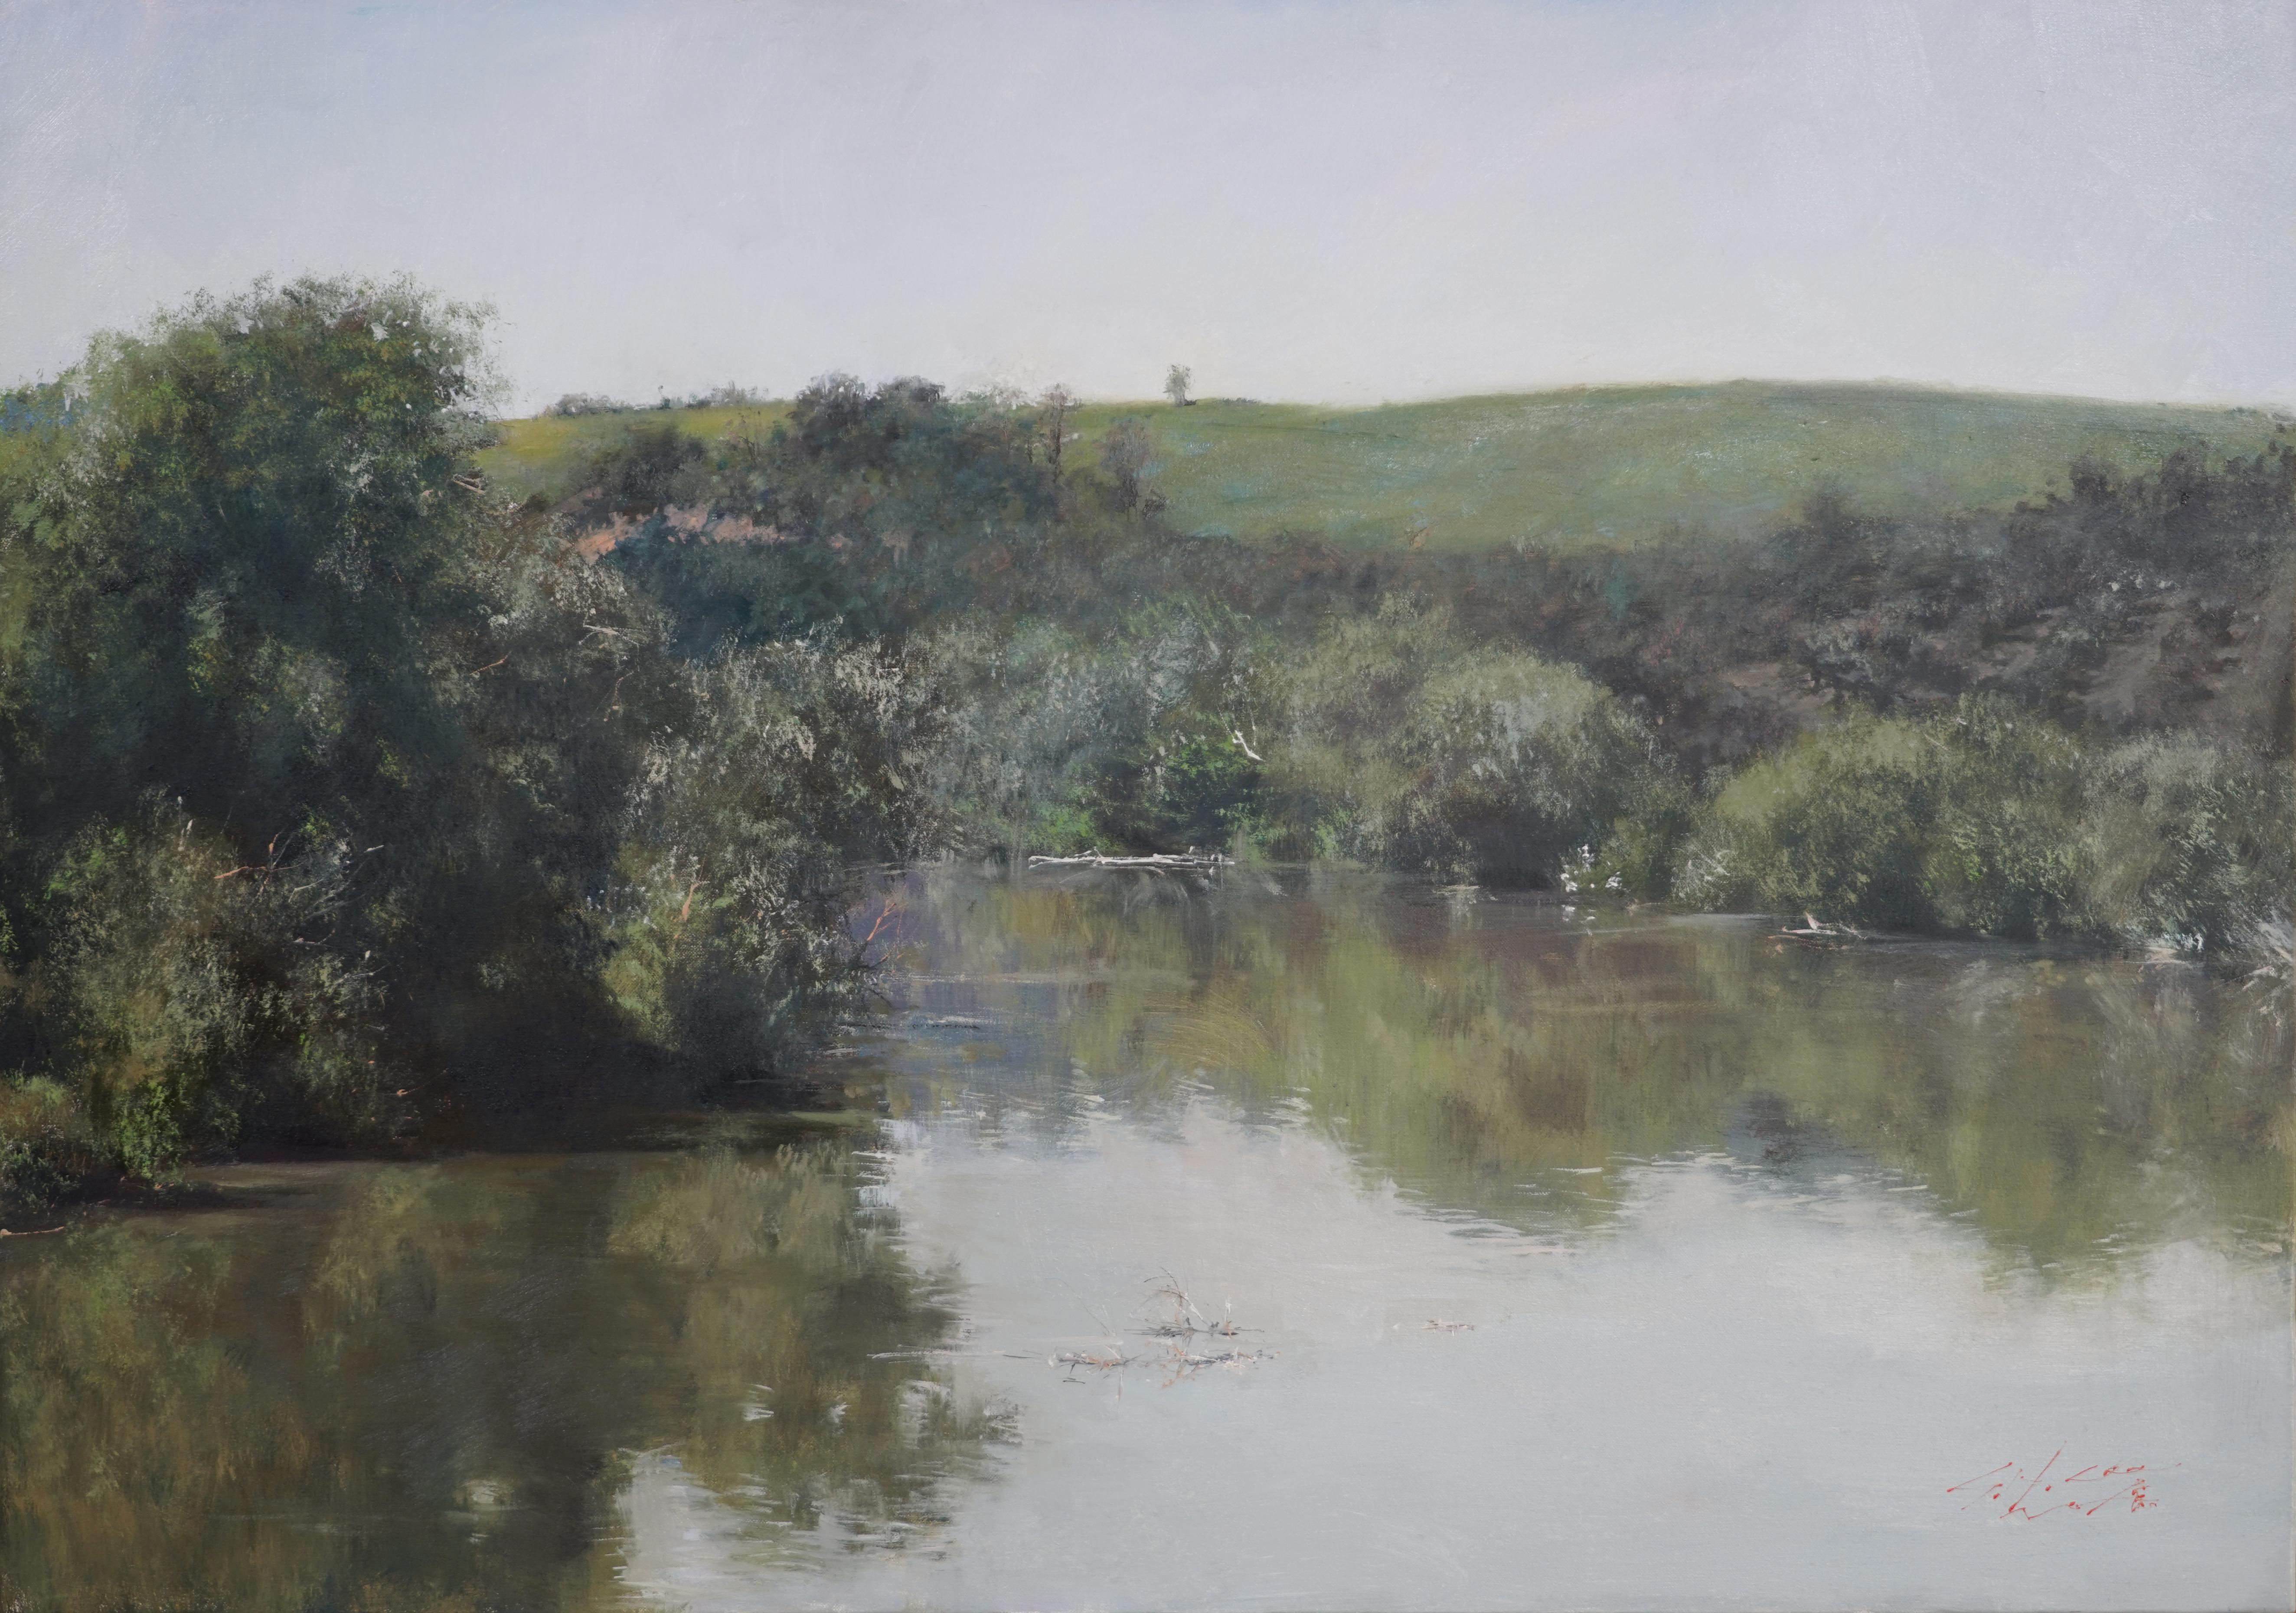 고요히 흐르는 강 61.2x43 Oil on canvas 2018